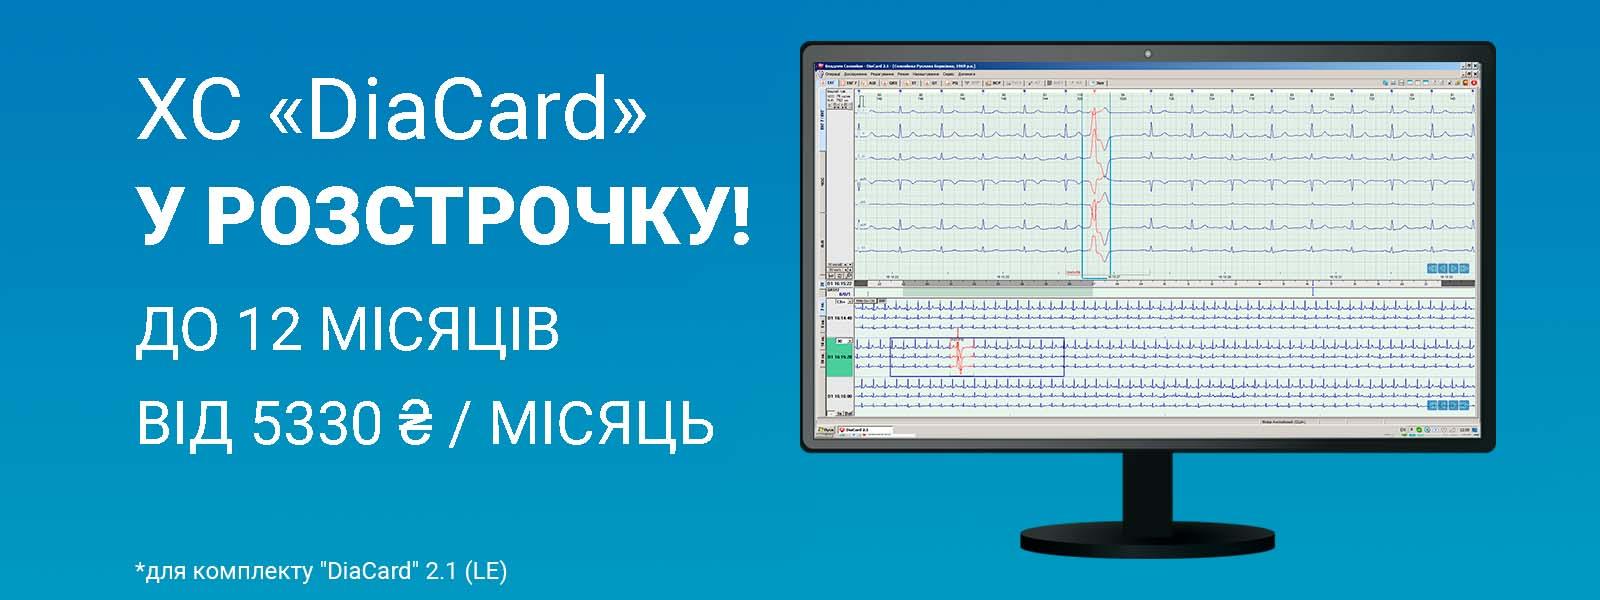 Холтеровская система «DiaCard» в рассрочку!